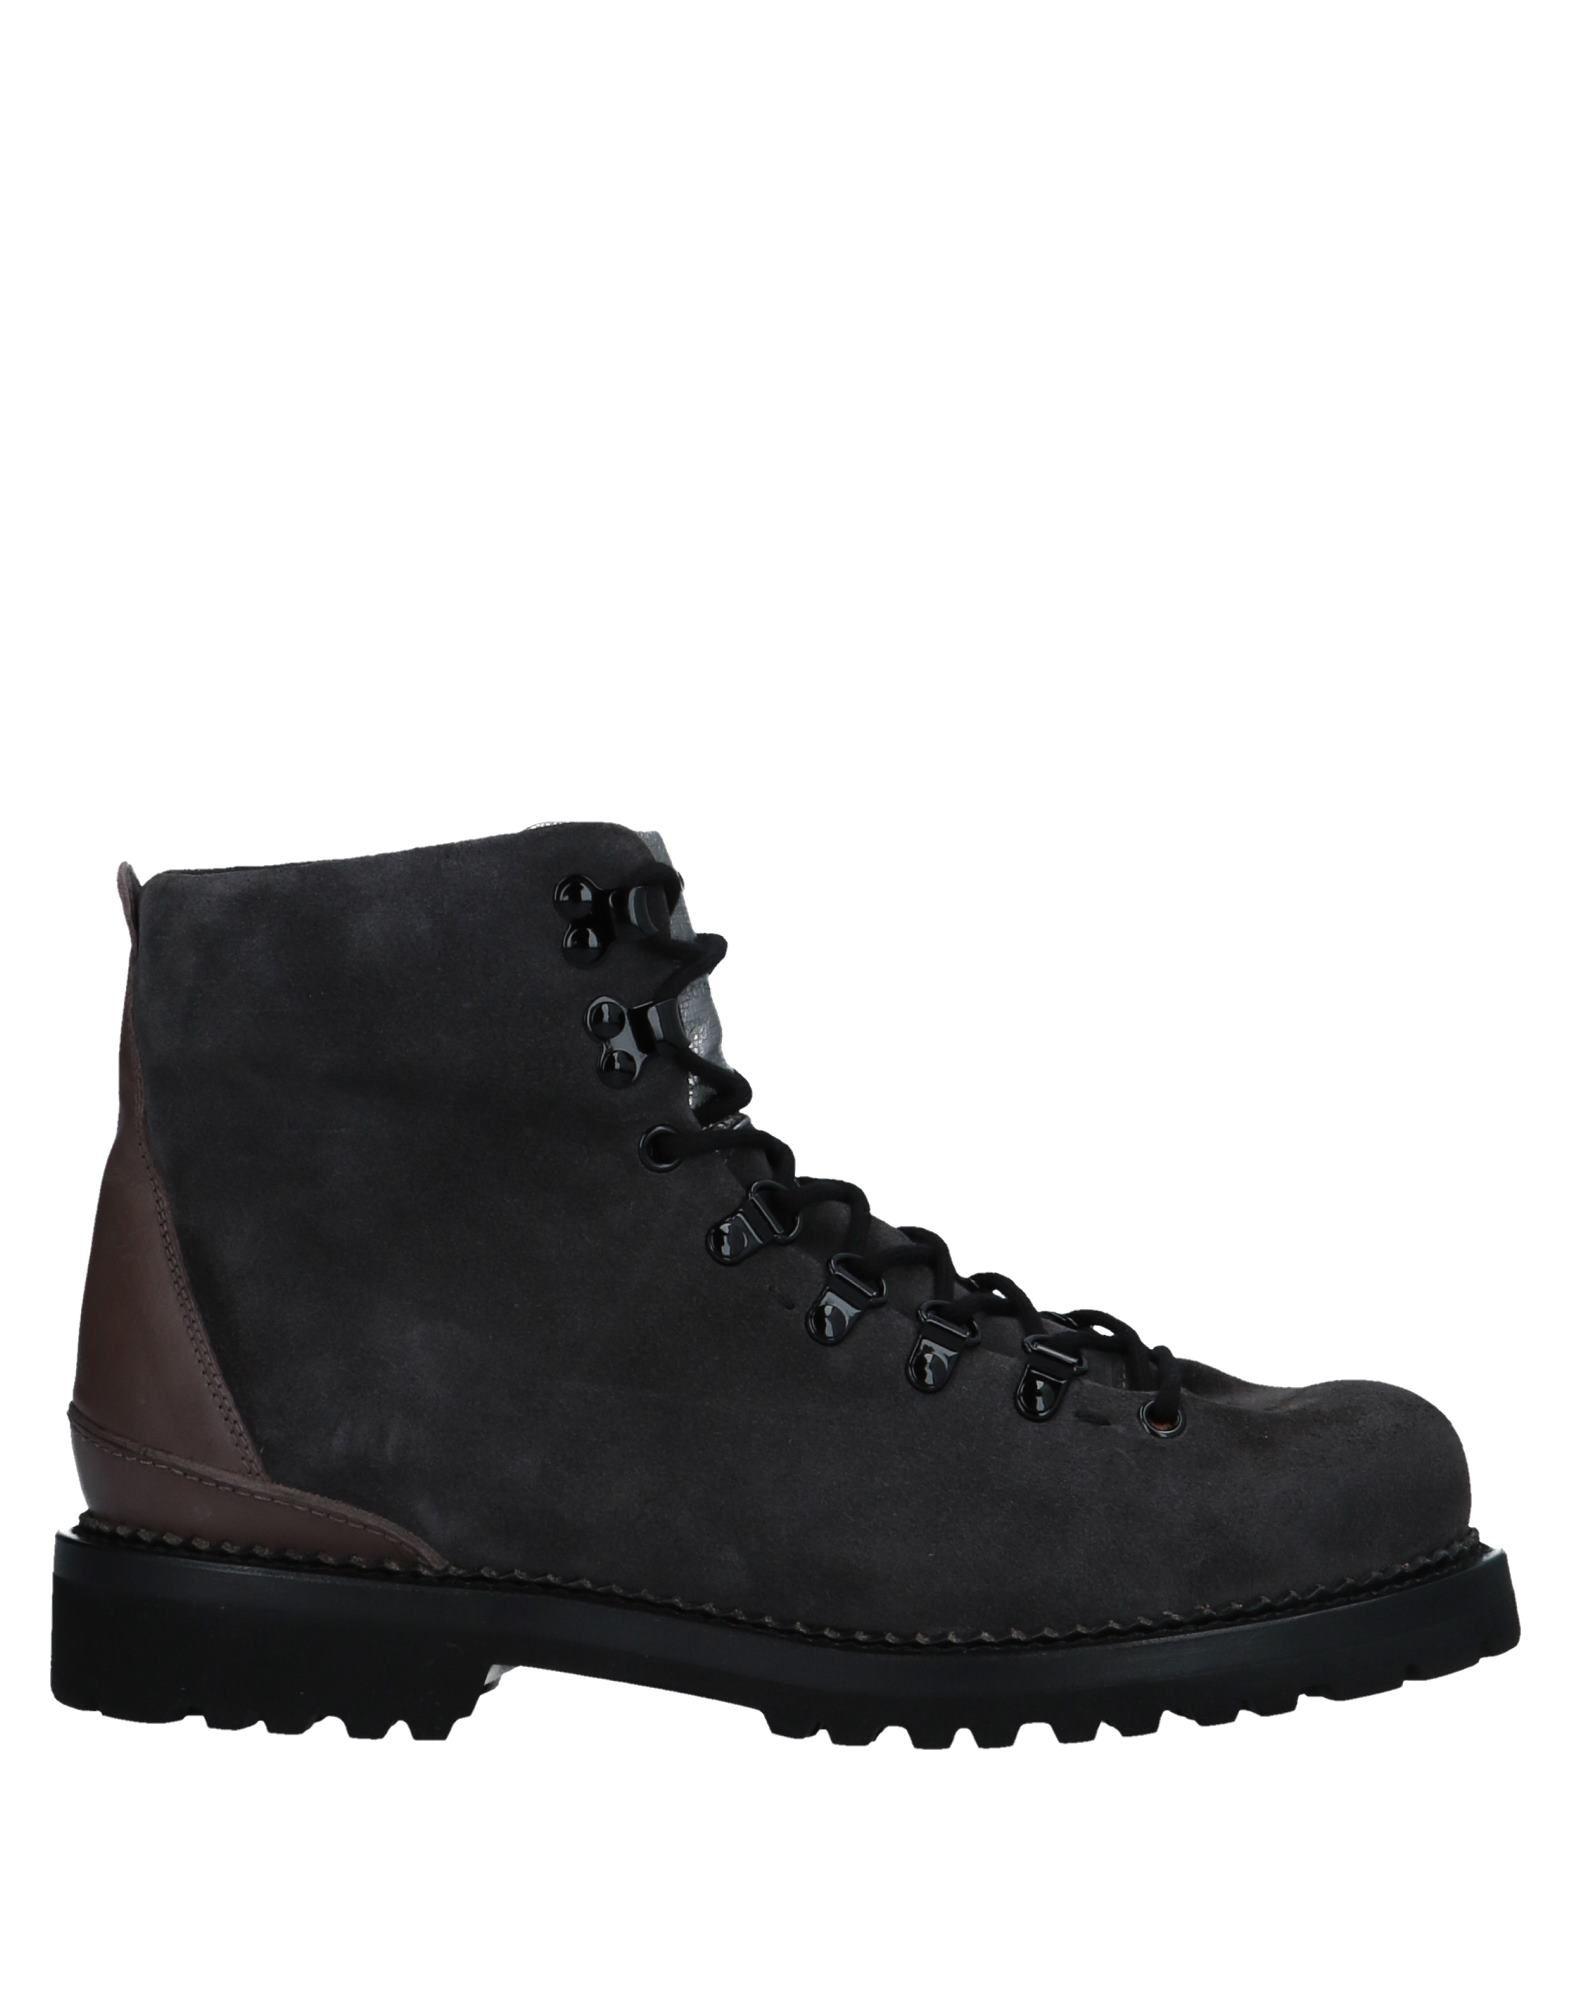 Buttero® Stiefelette Damen  11544106OXGut aussehende strapazierfähige Schuhe